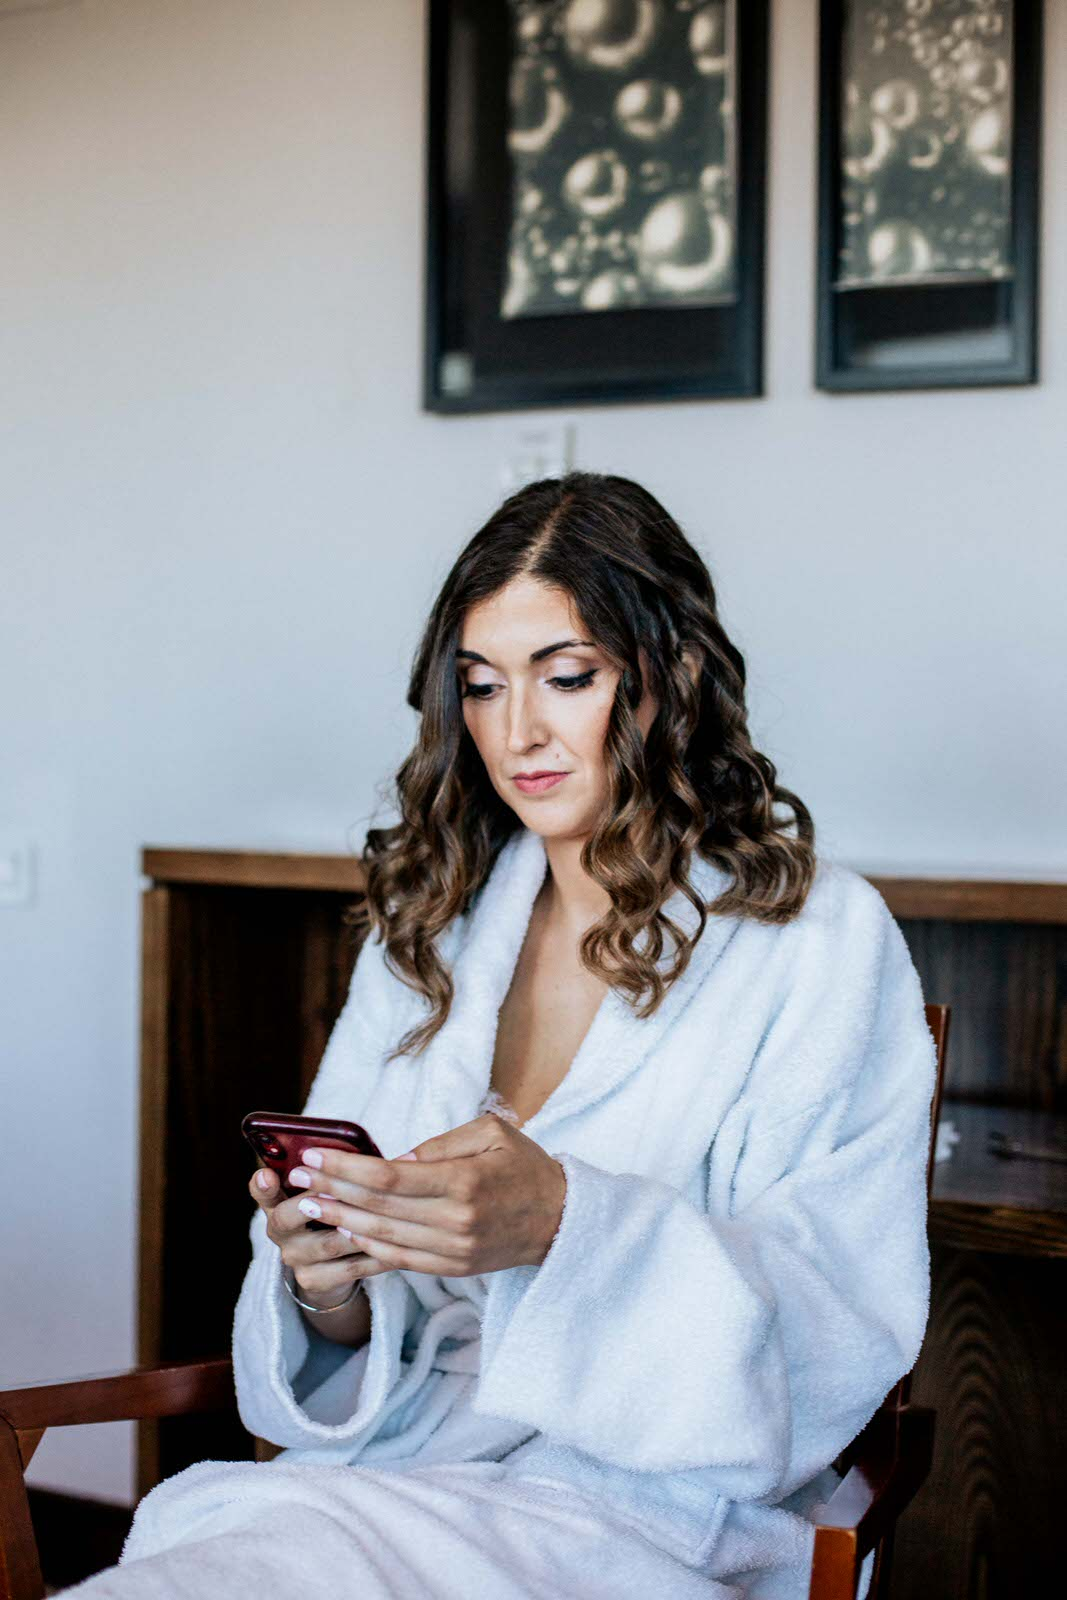 retrato de la novia en los preparativos